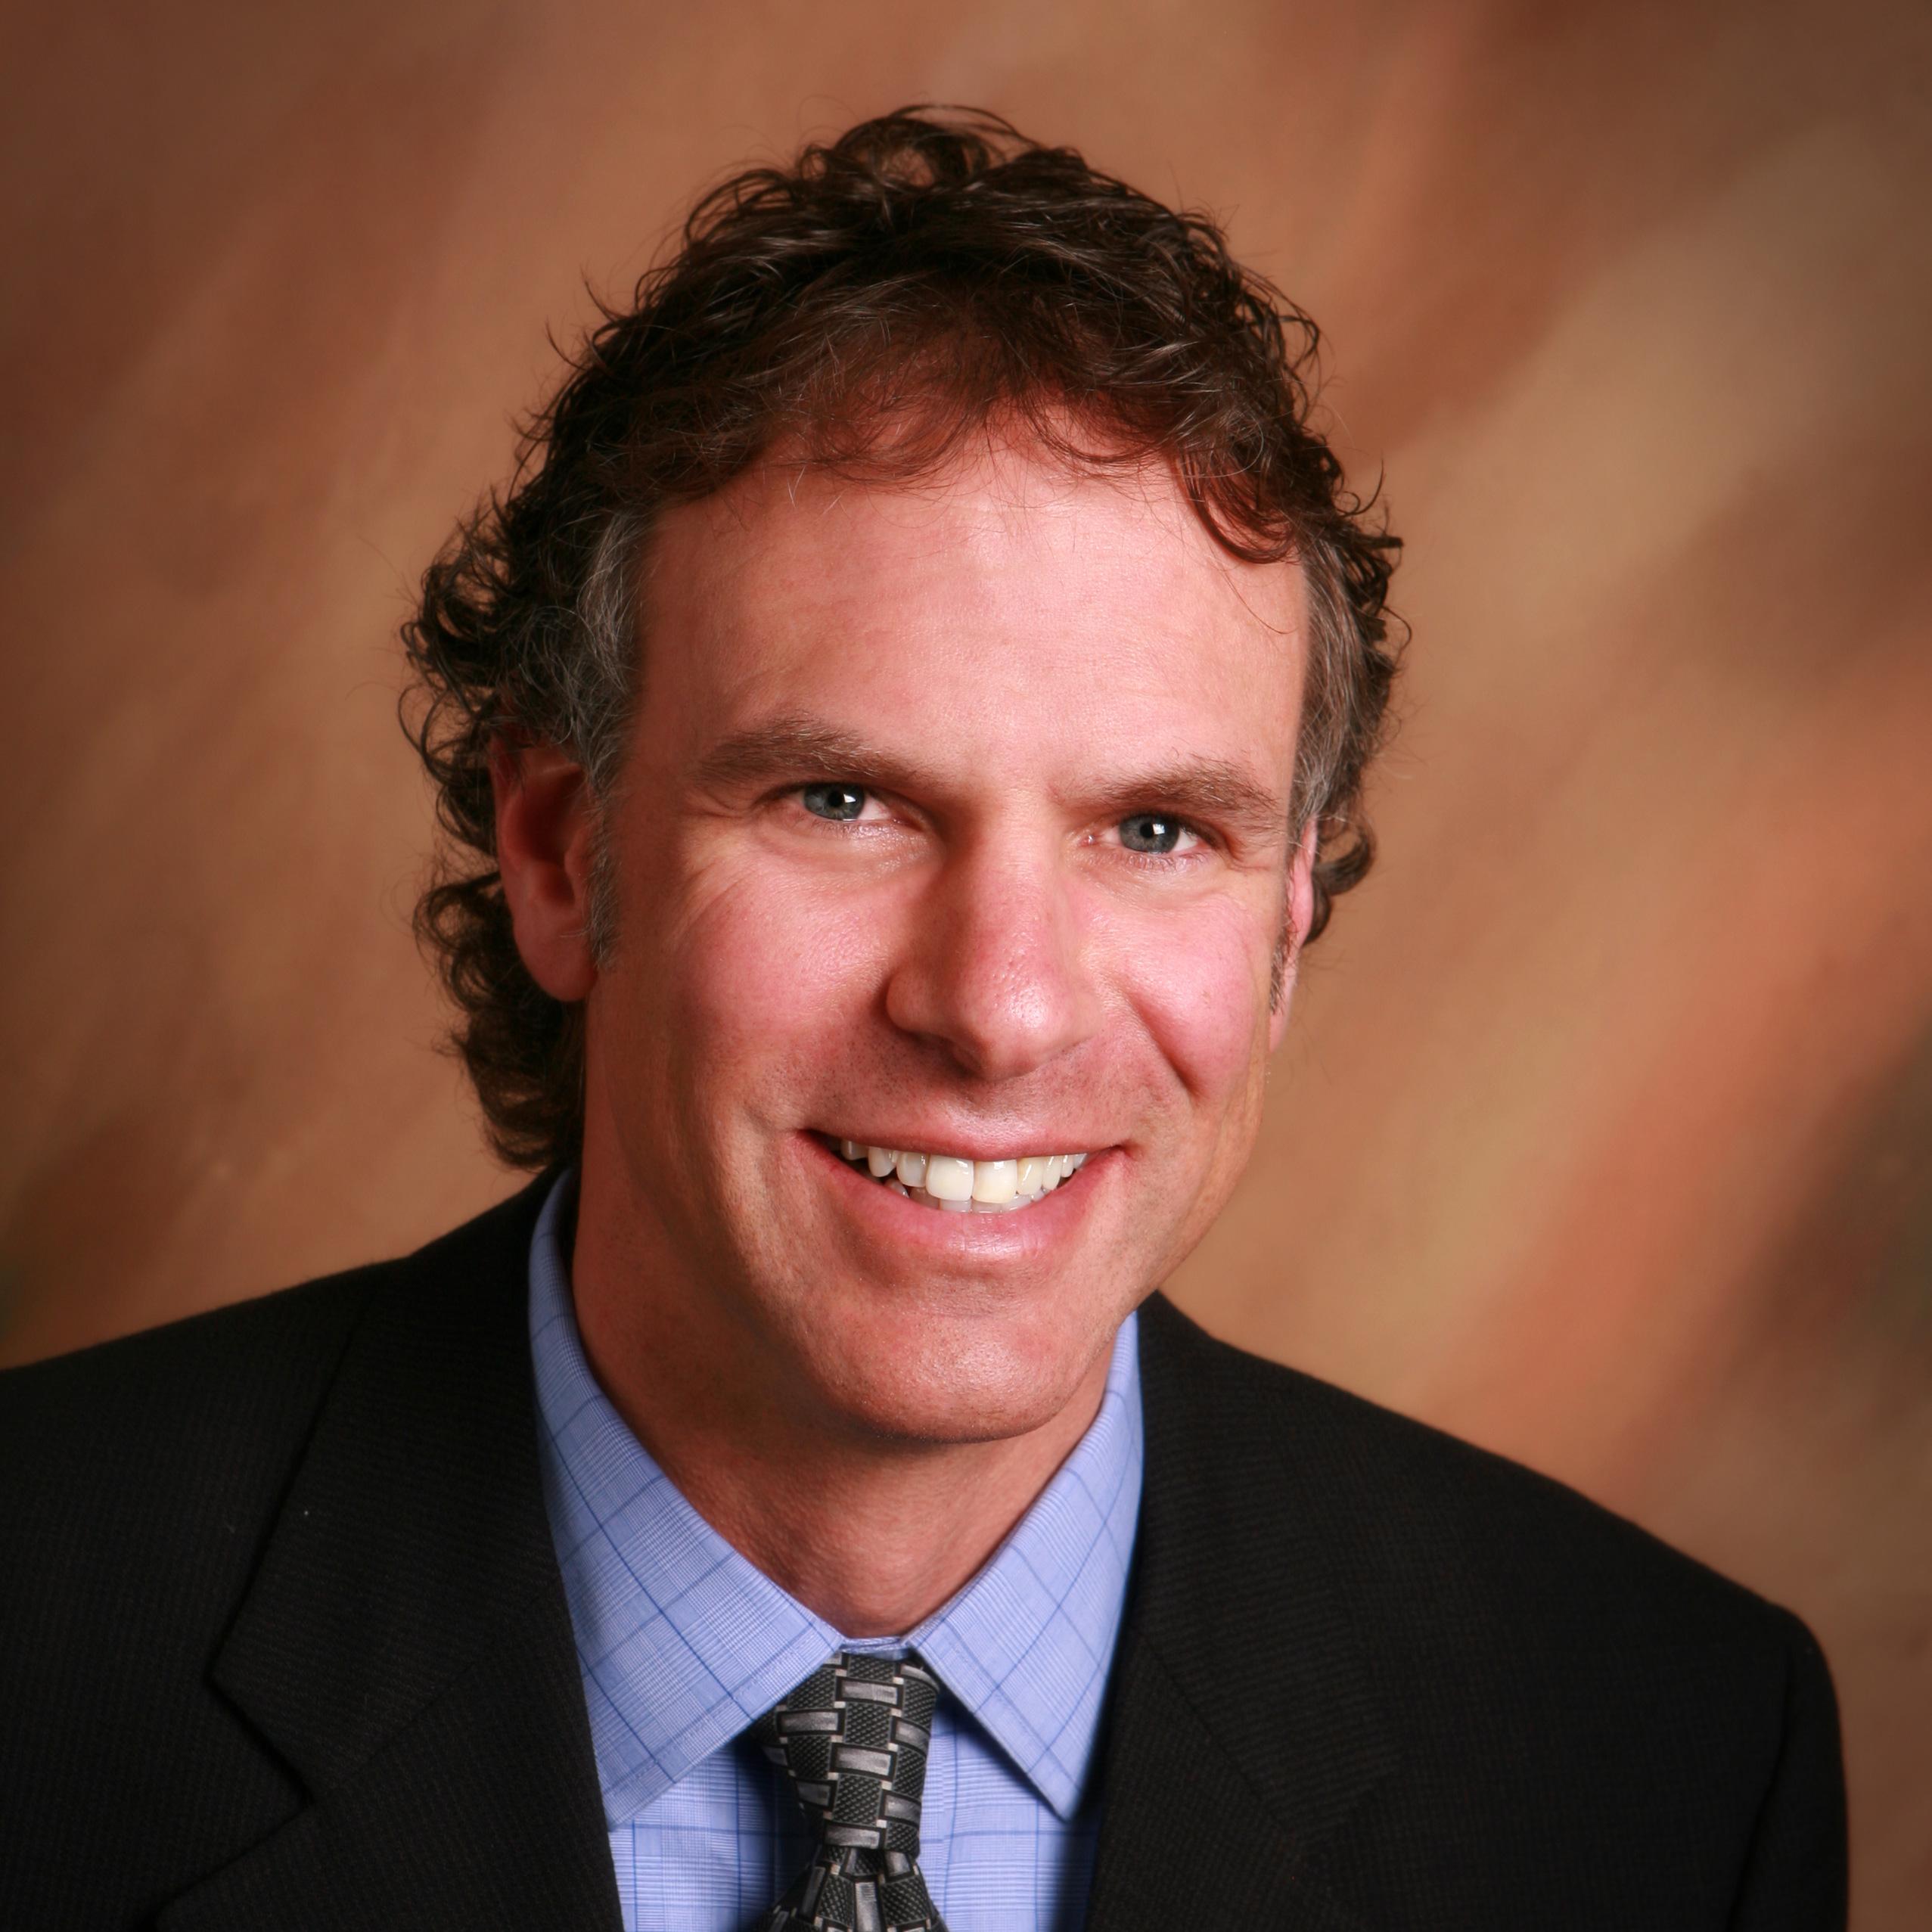 Michael J. Jaffe